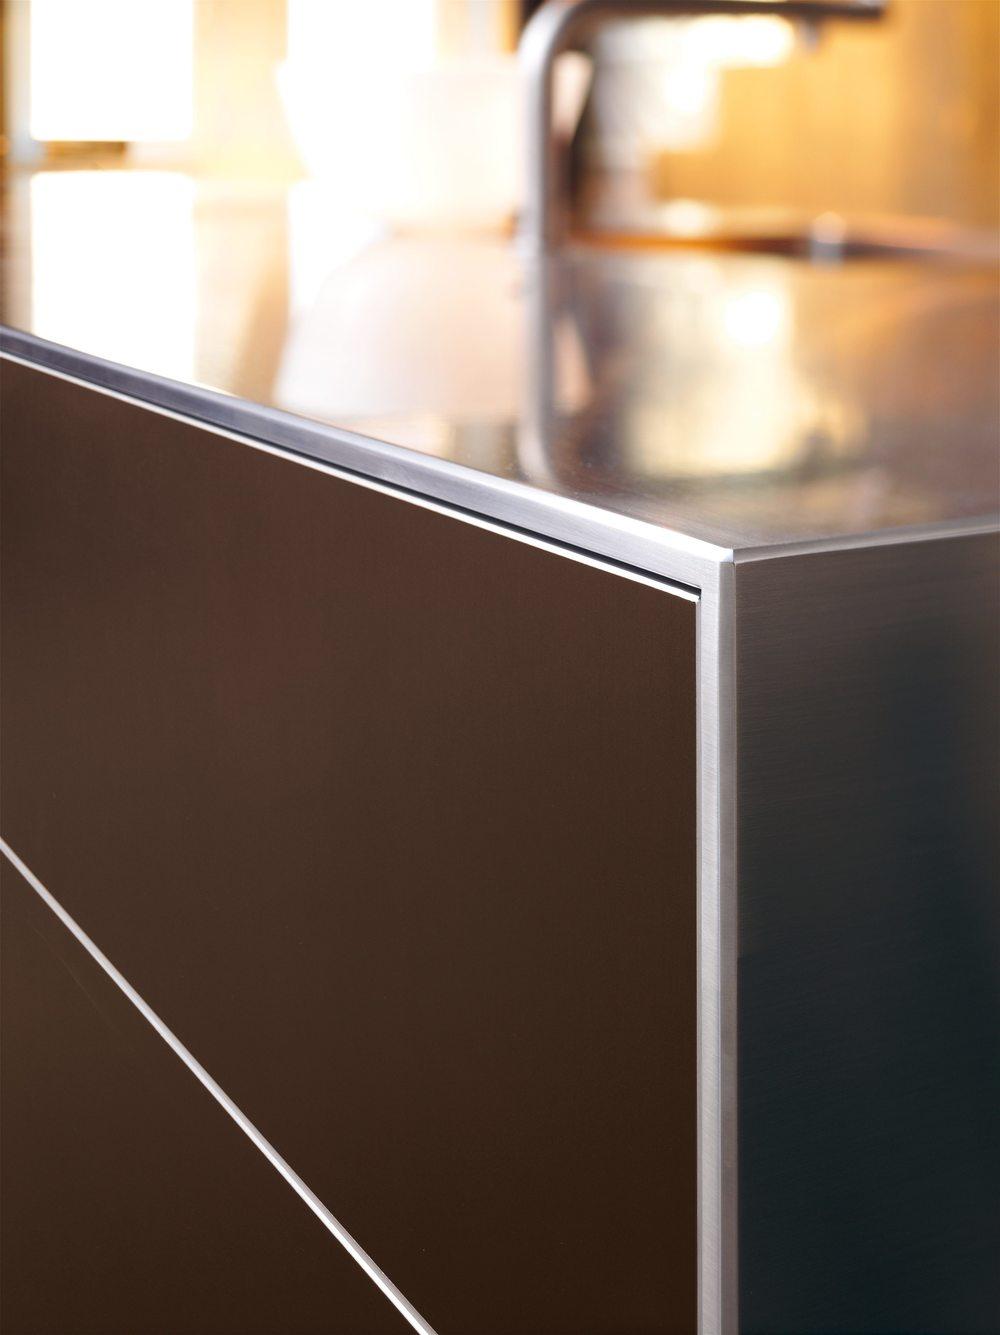 Dettaglio di una cucina di design Sistema B3 della casa Bulthaup, progettata dal designer Herbert H. Schultes.